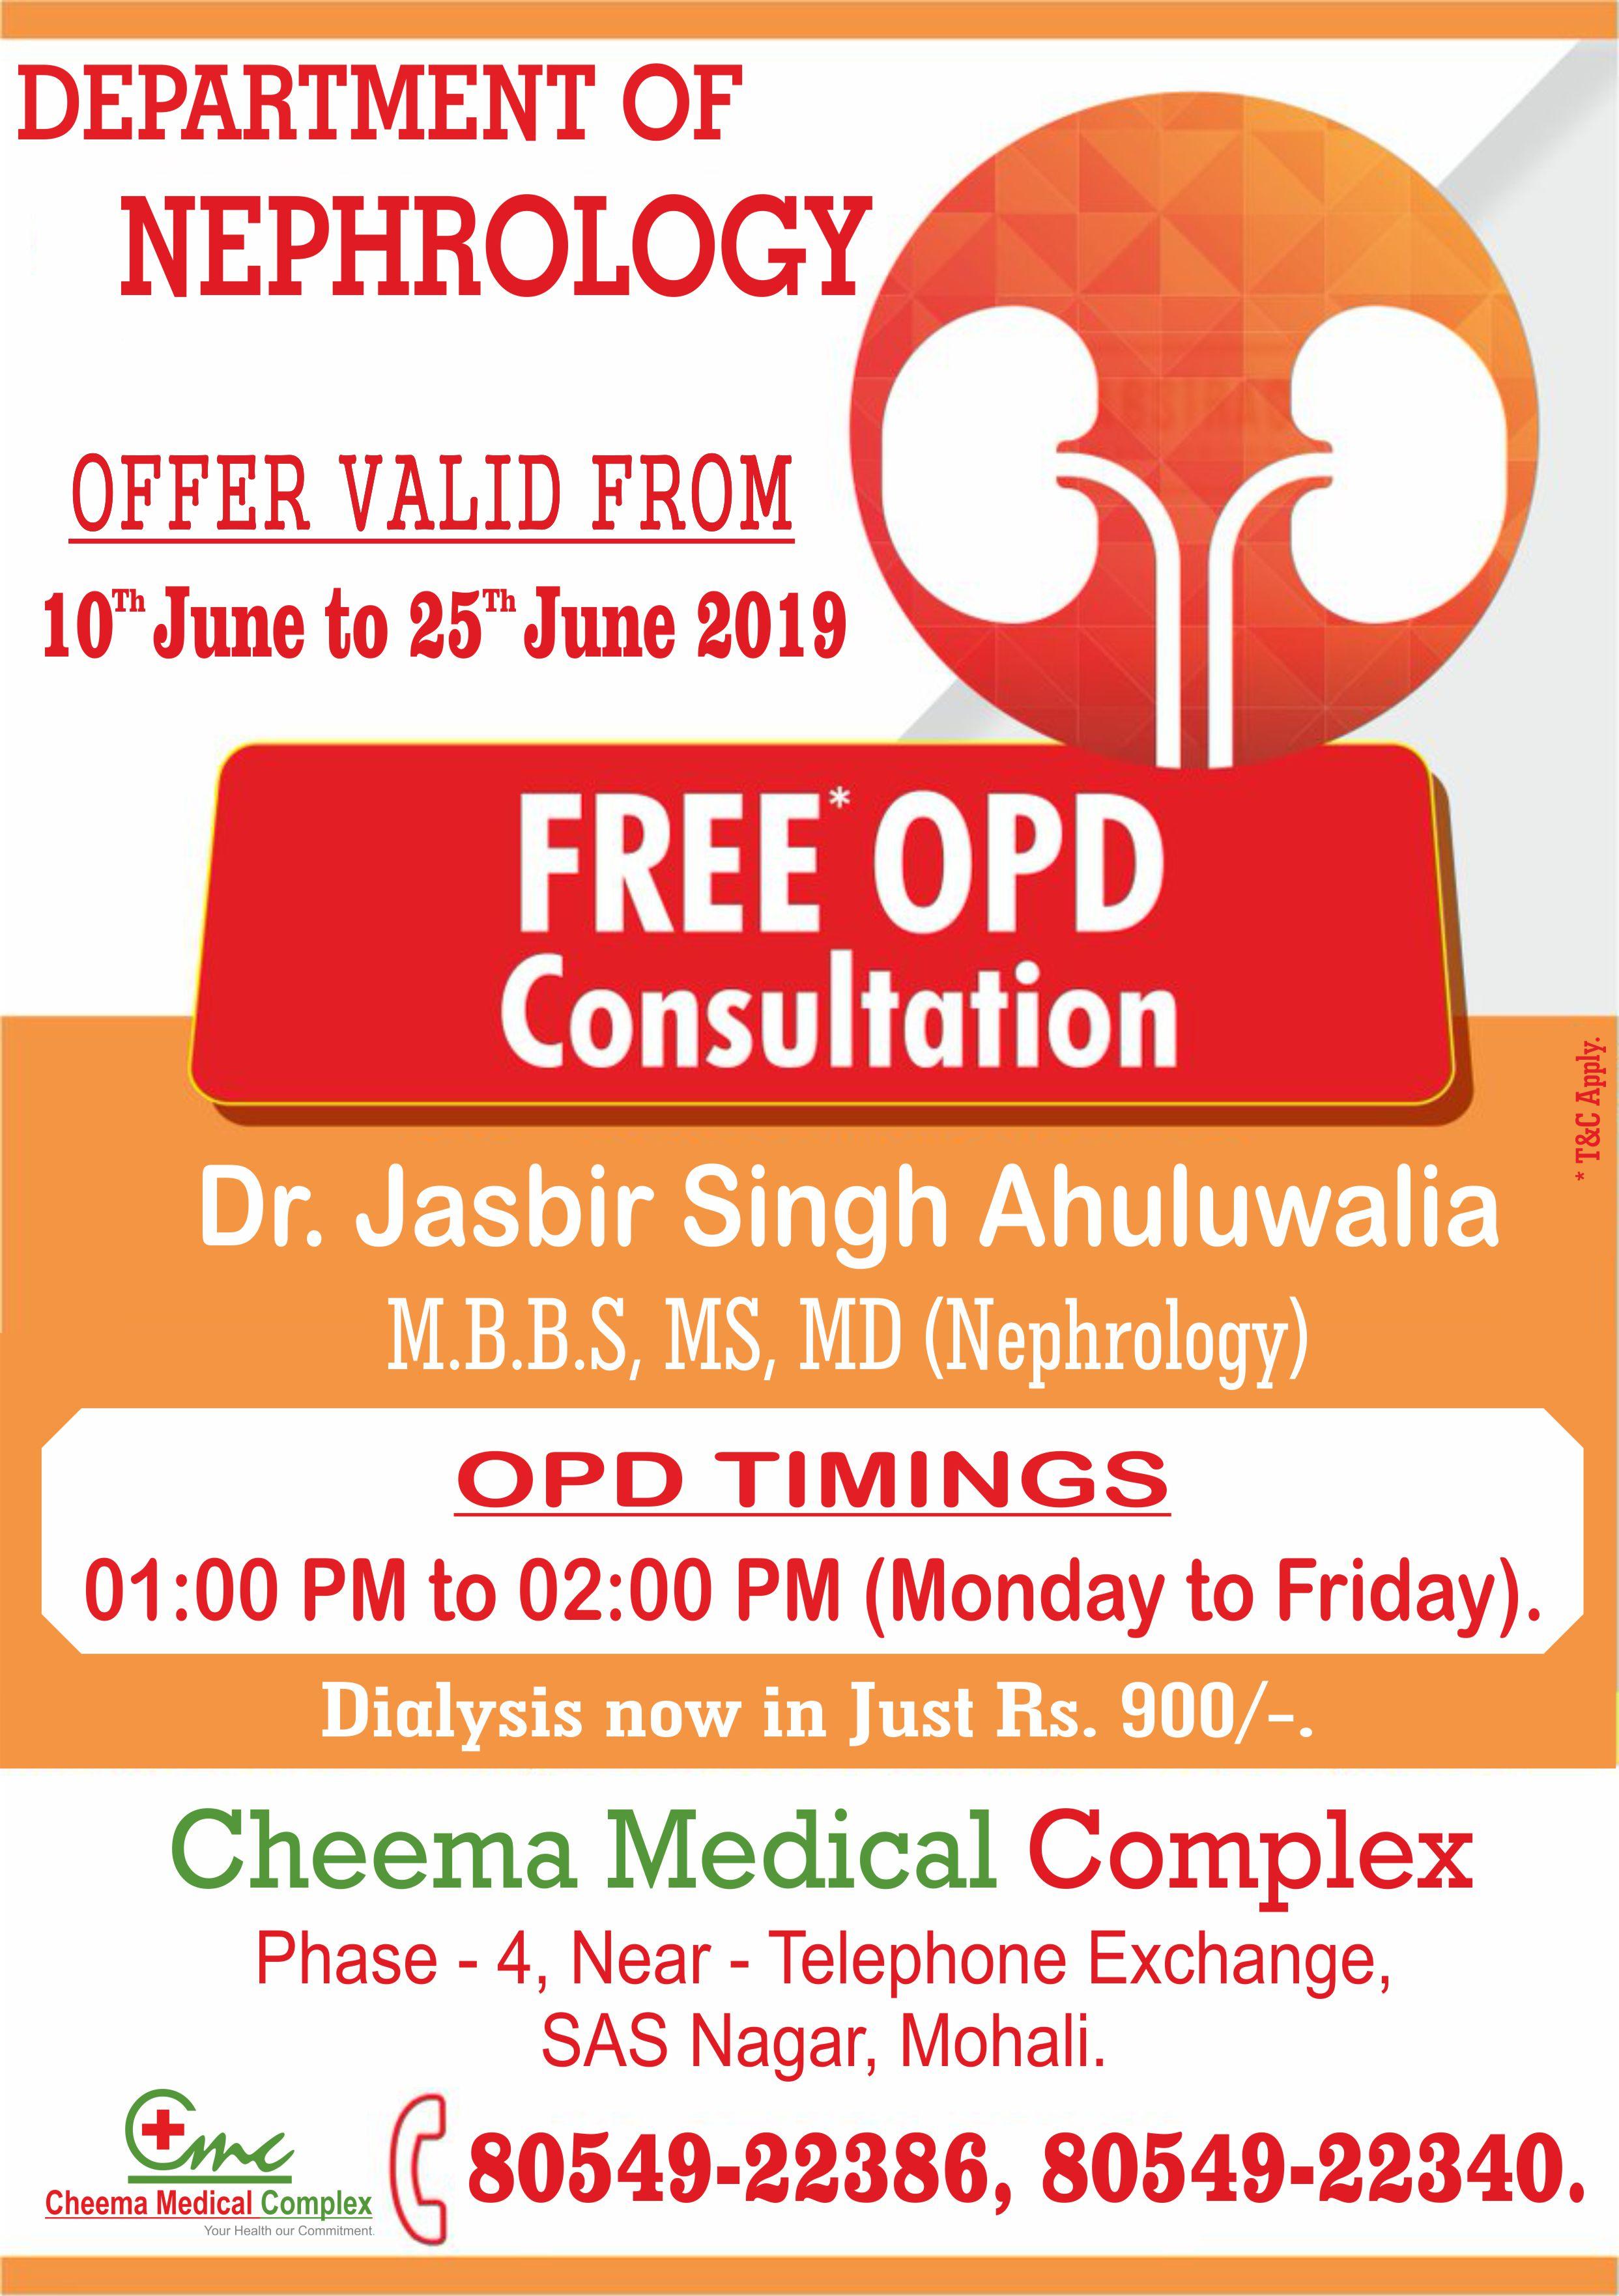 Nephro June Offer 2019